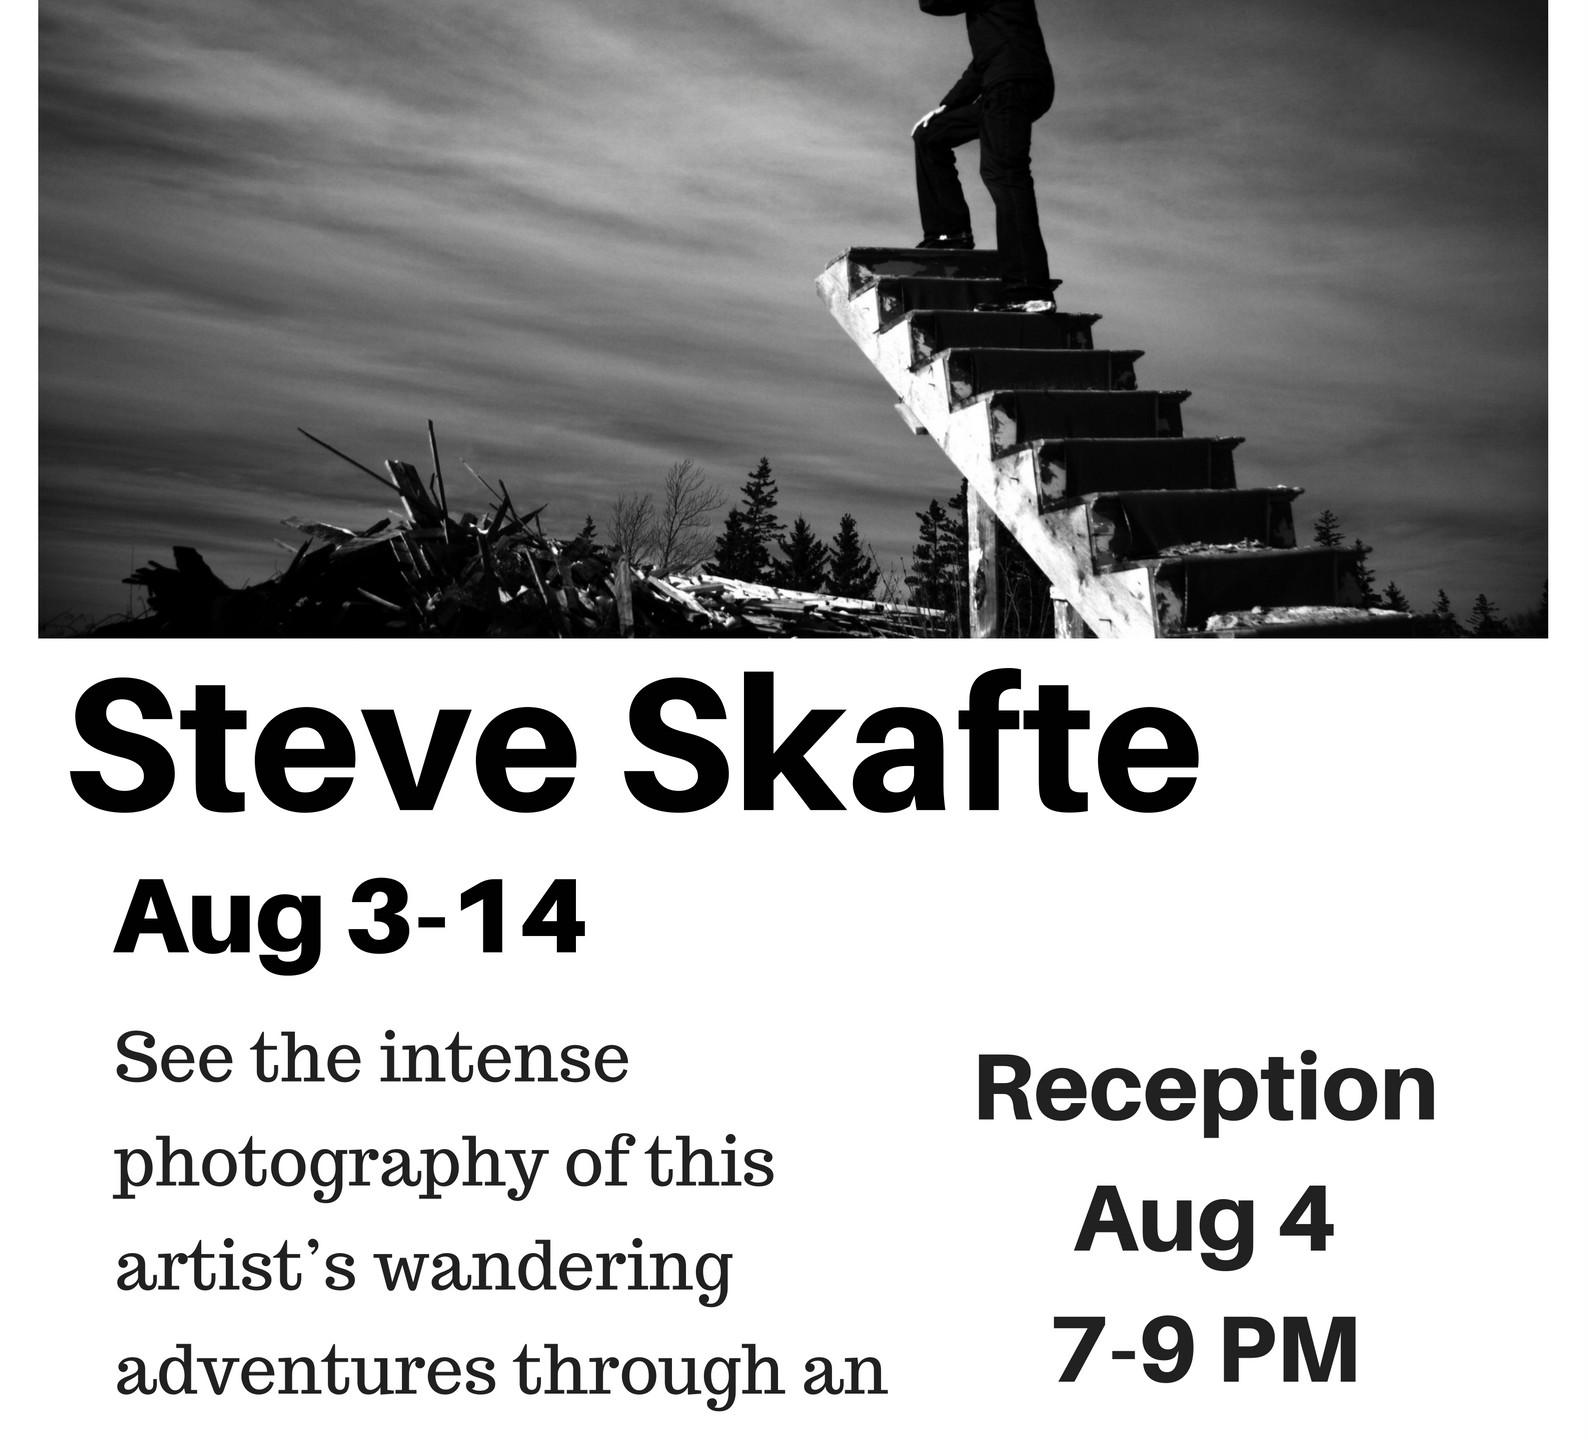 Steve Skafte Aug